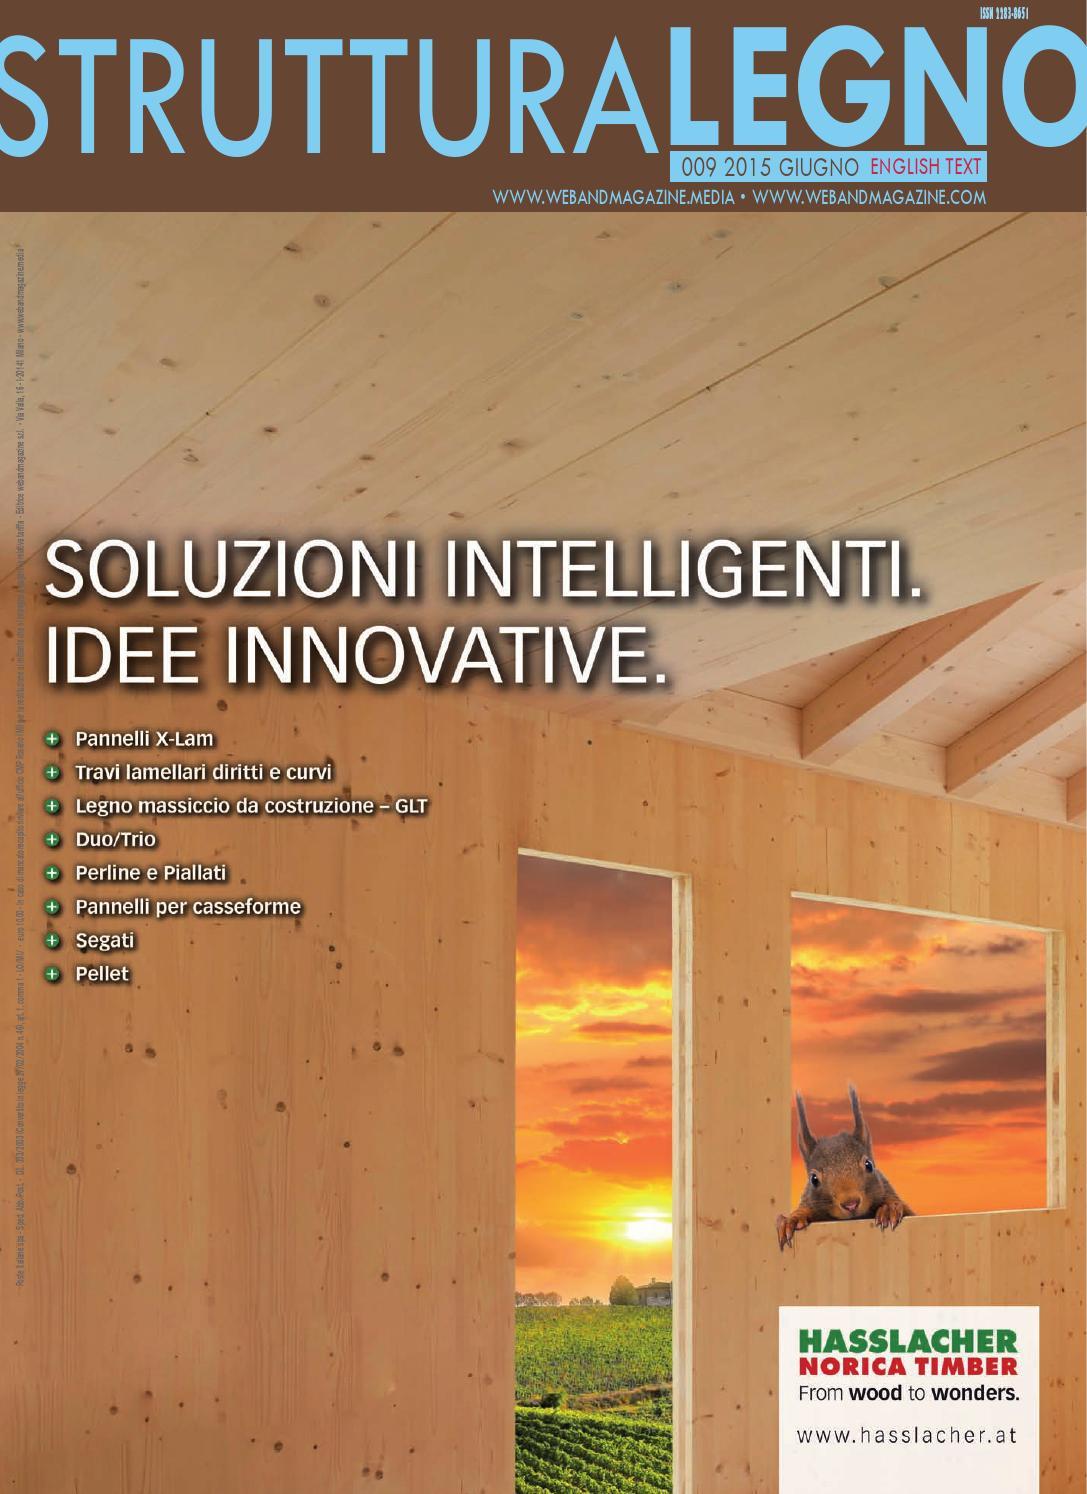 legnoarchitettura 02 by EdicomEdizioni - issuu